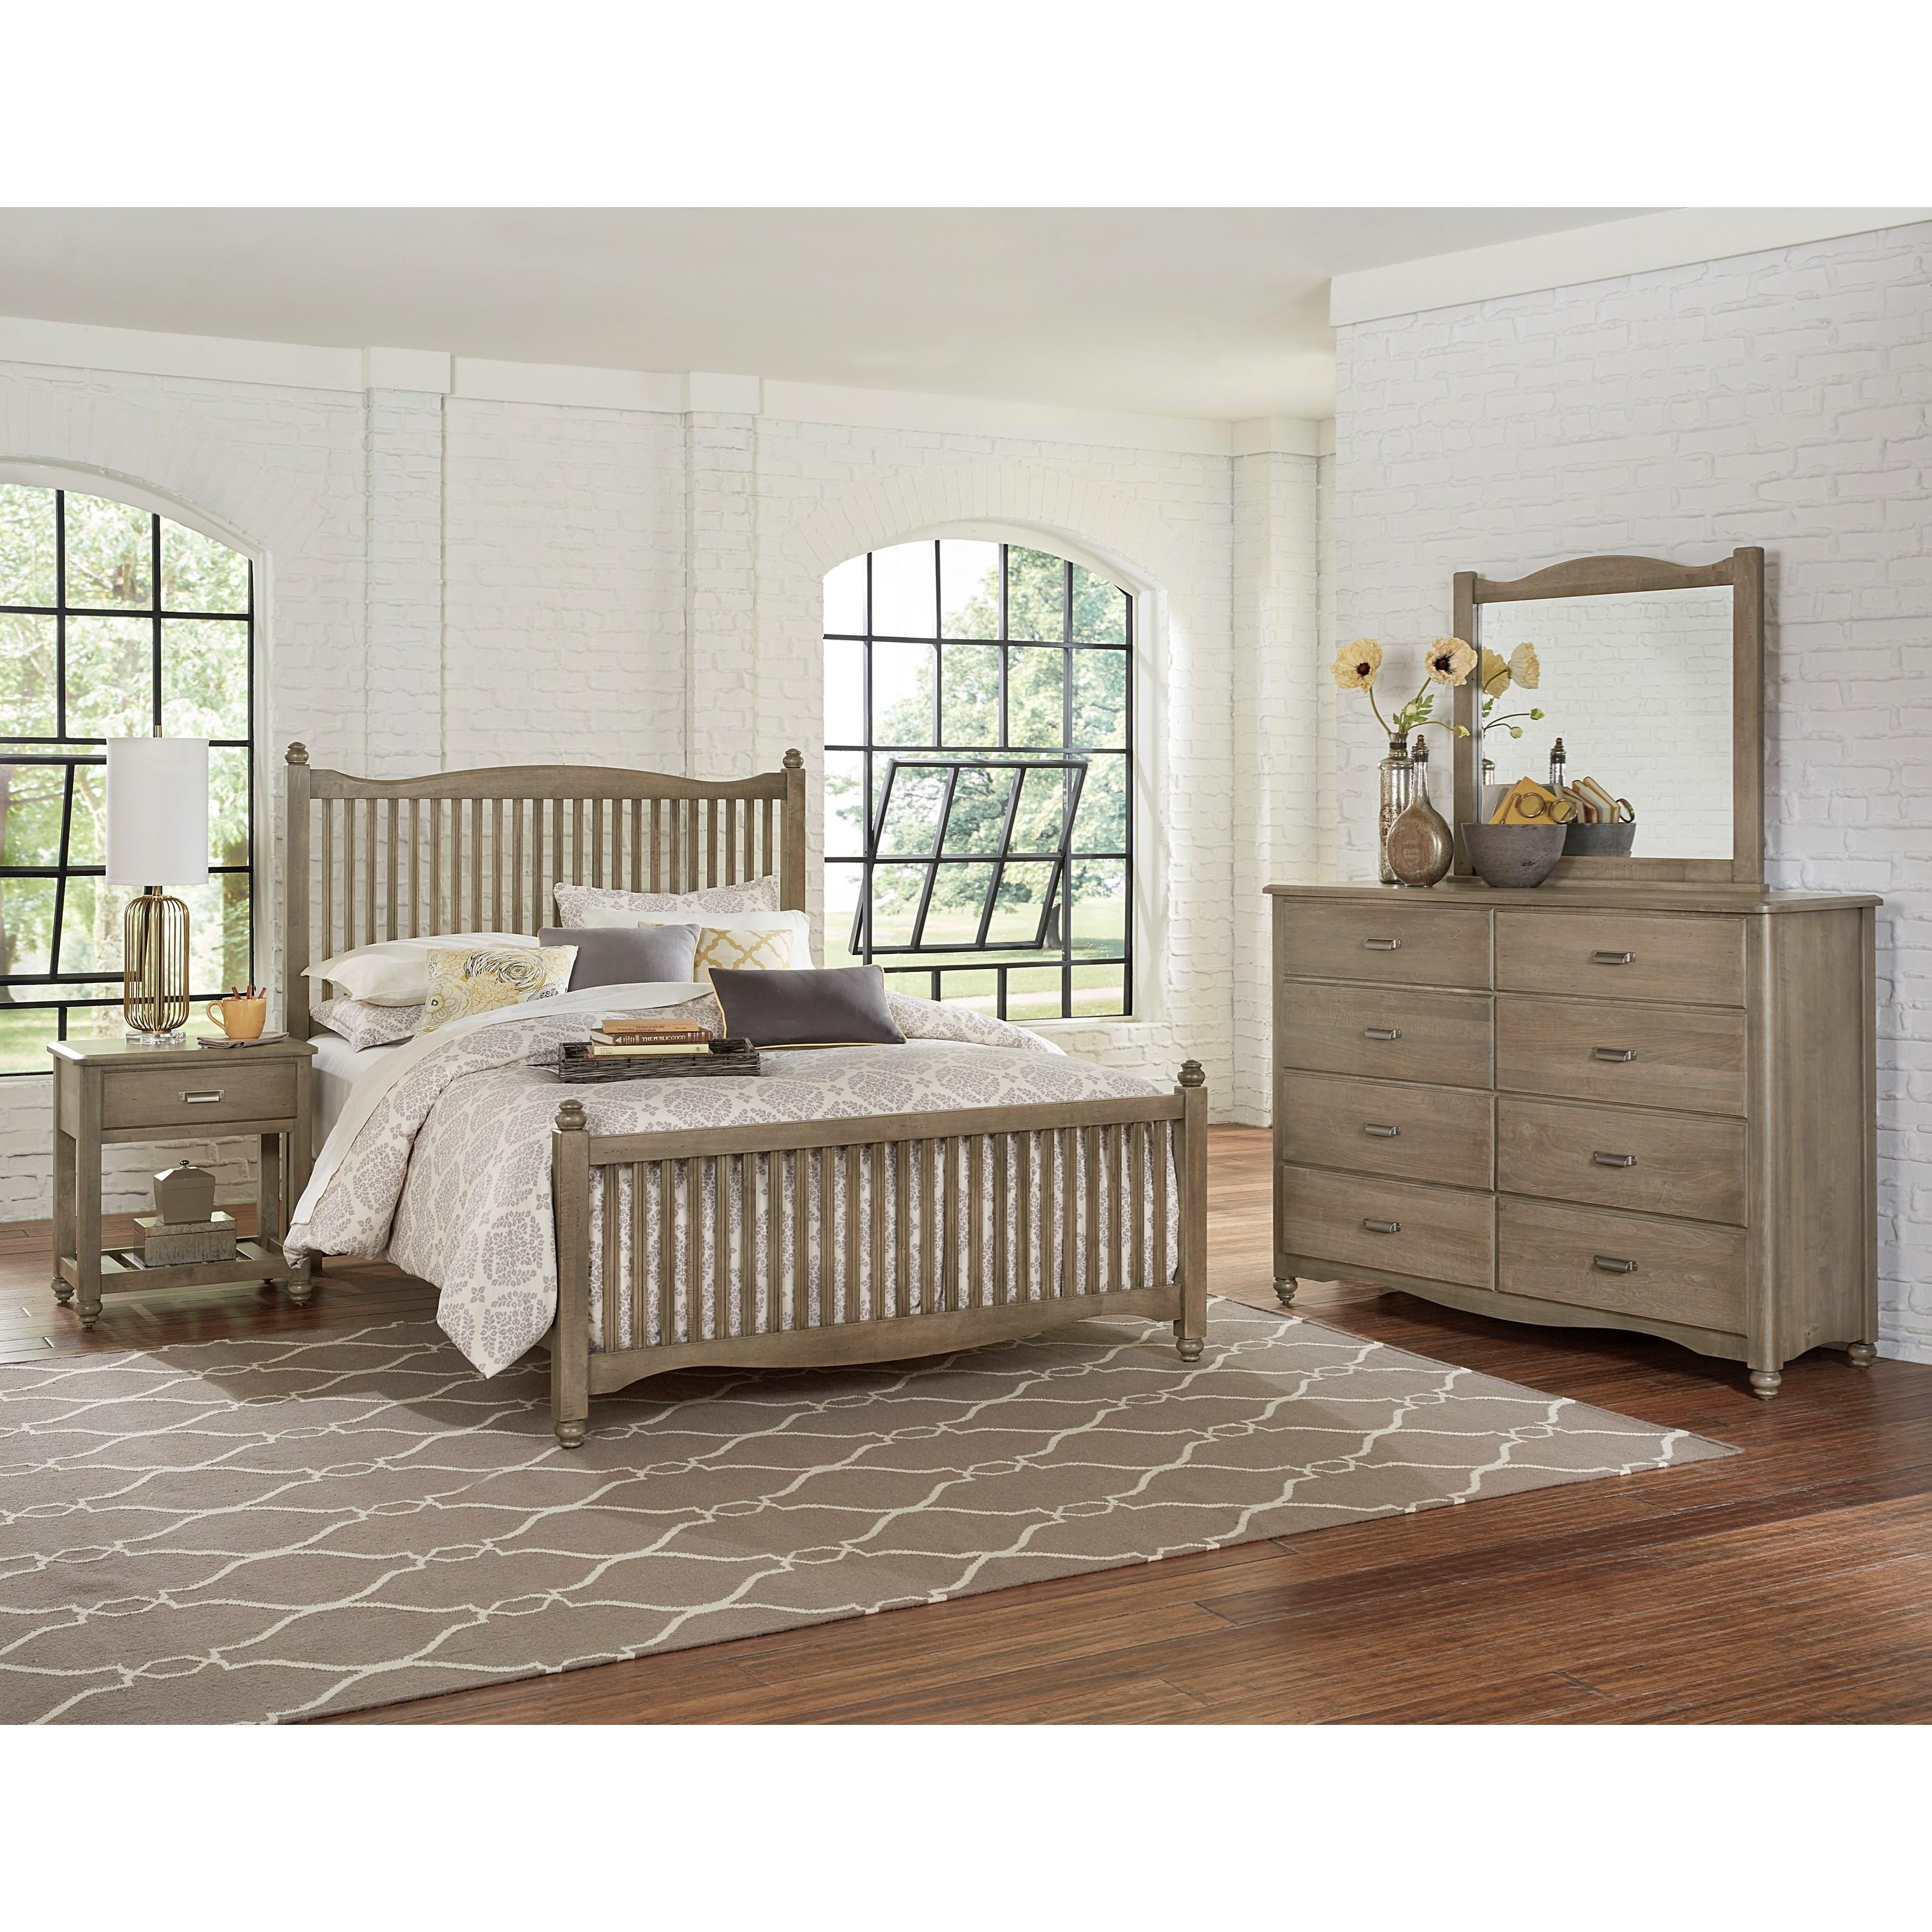 Vaughan Bassett American Maple Queen Bedroom Group - Item Number: 401 Q Bedroom Group 1